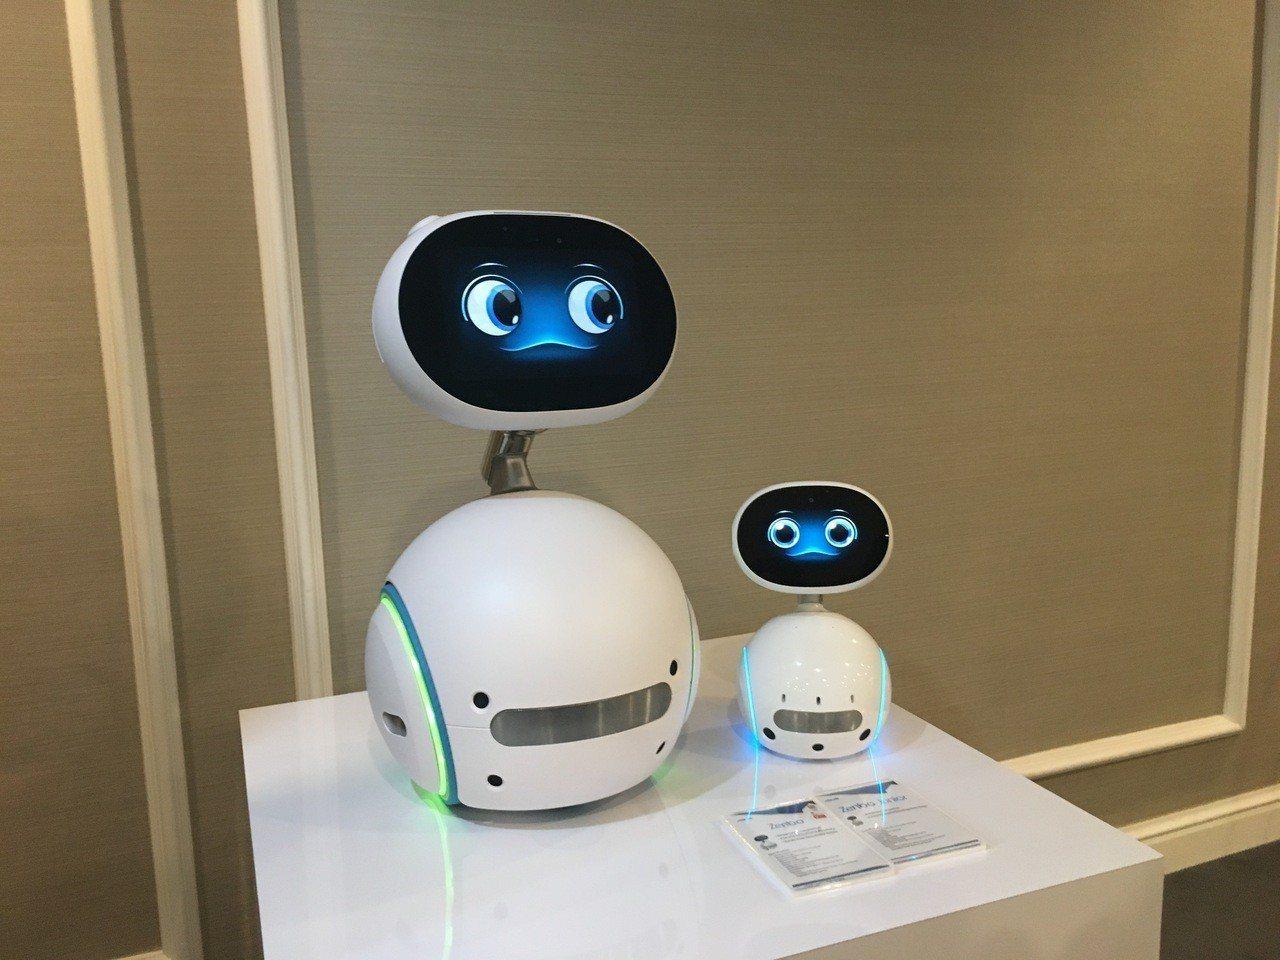 華碩今日首度發表的商用機器人「Zenbo Junior」,圖左為Zenbo,圖右...